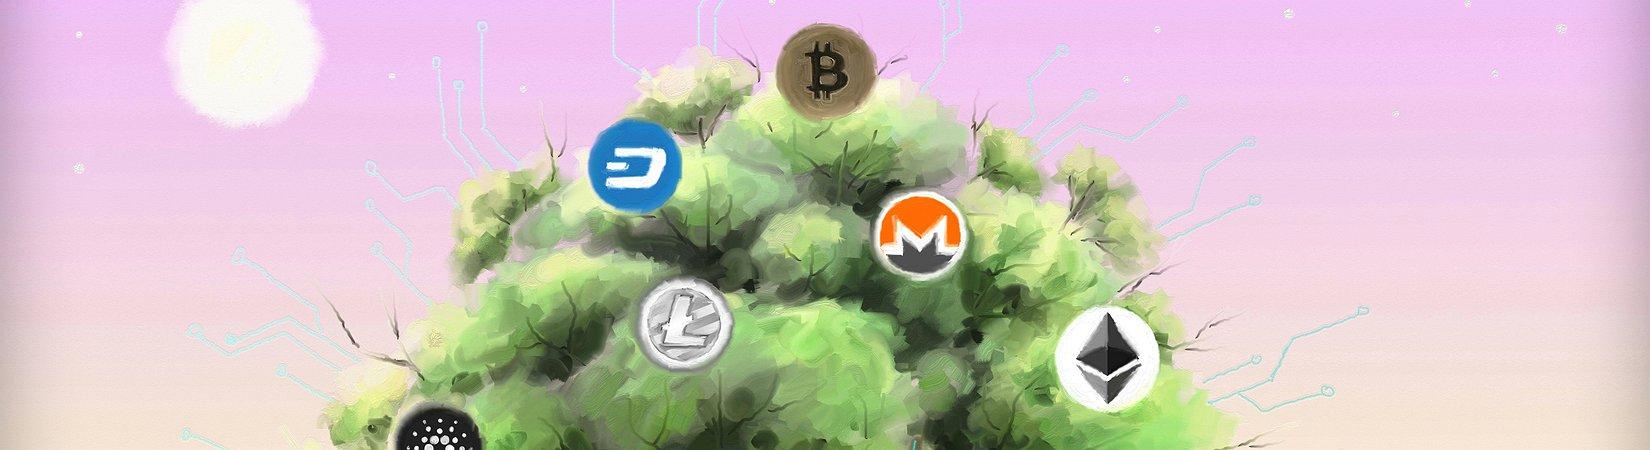 Обзор рынка криптовалют: Главные новости 29.11.2017